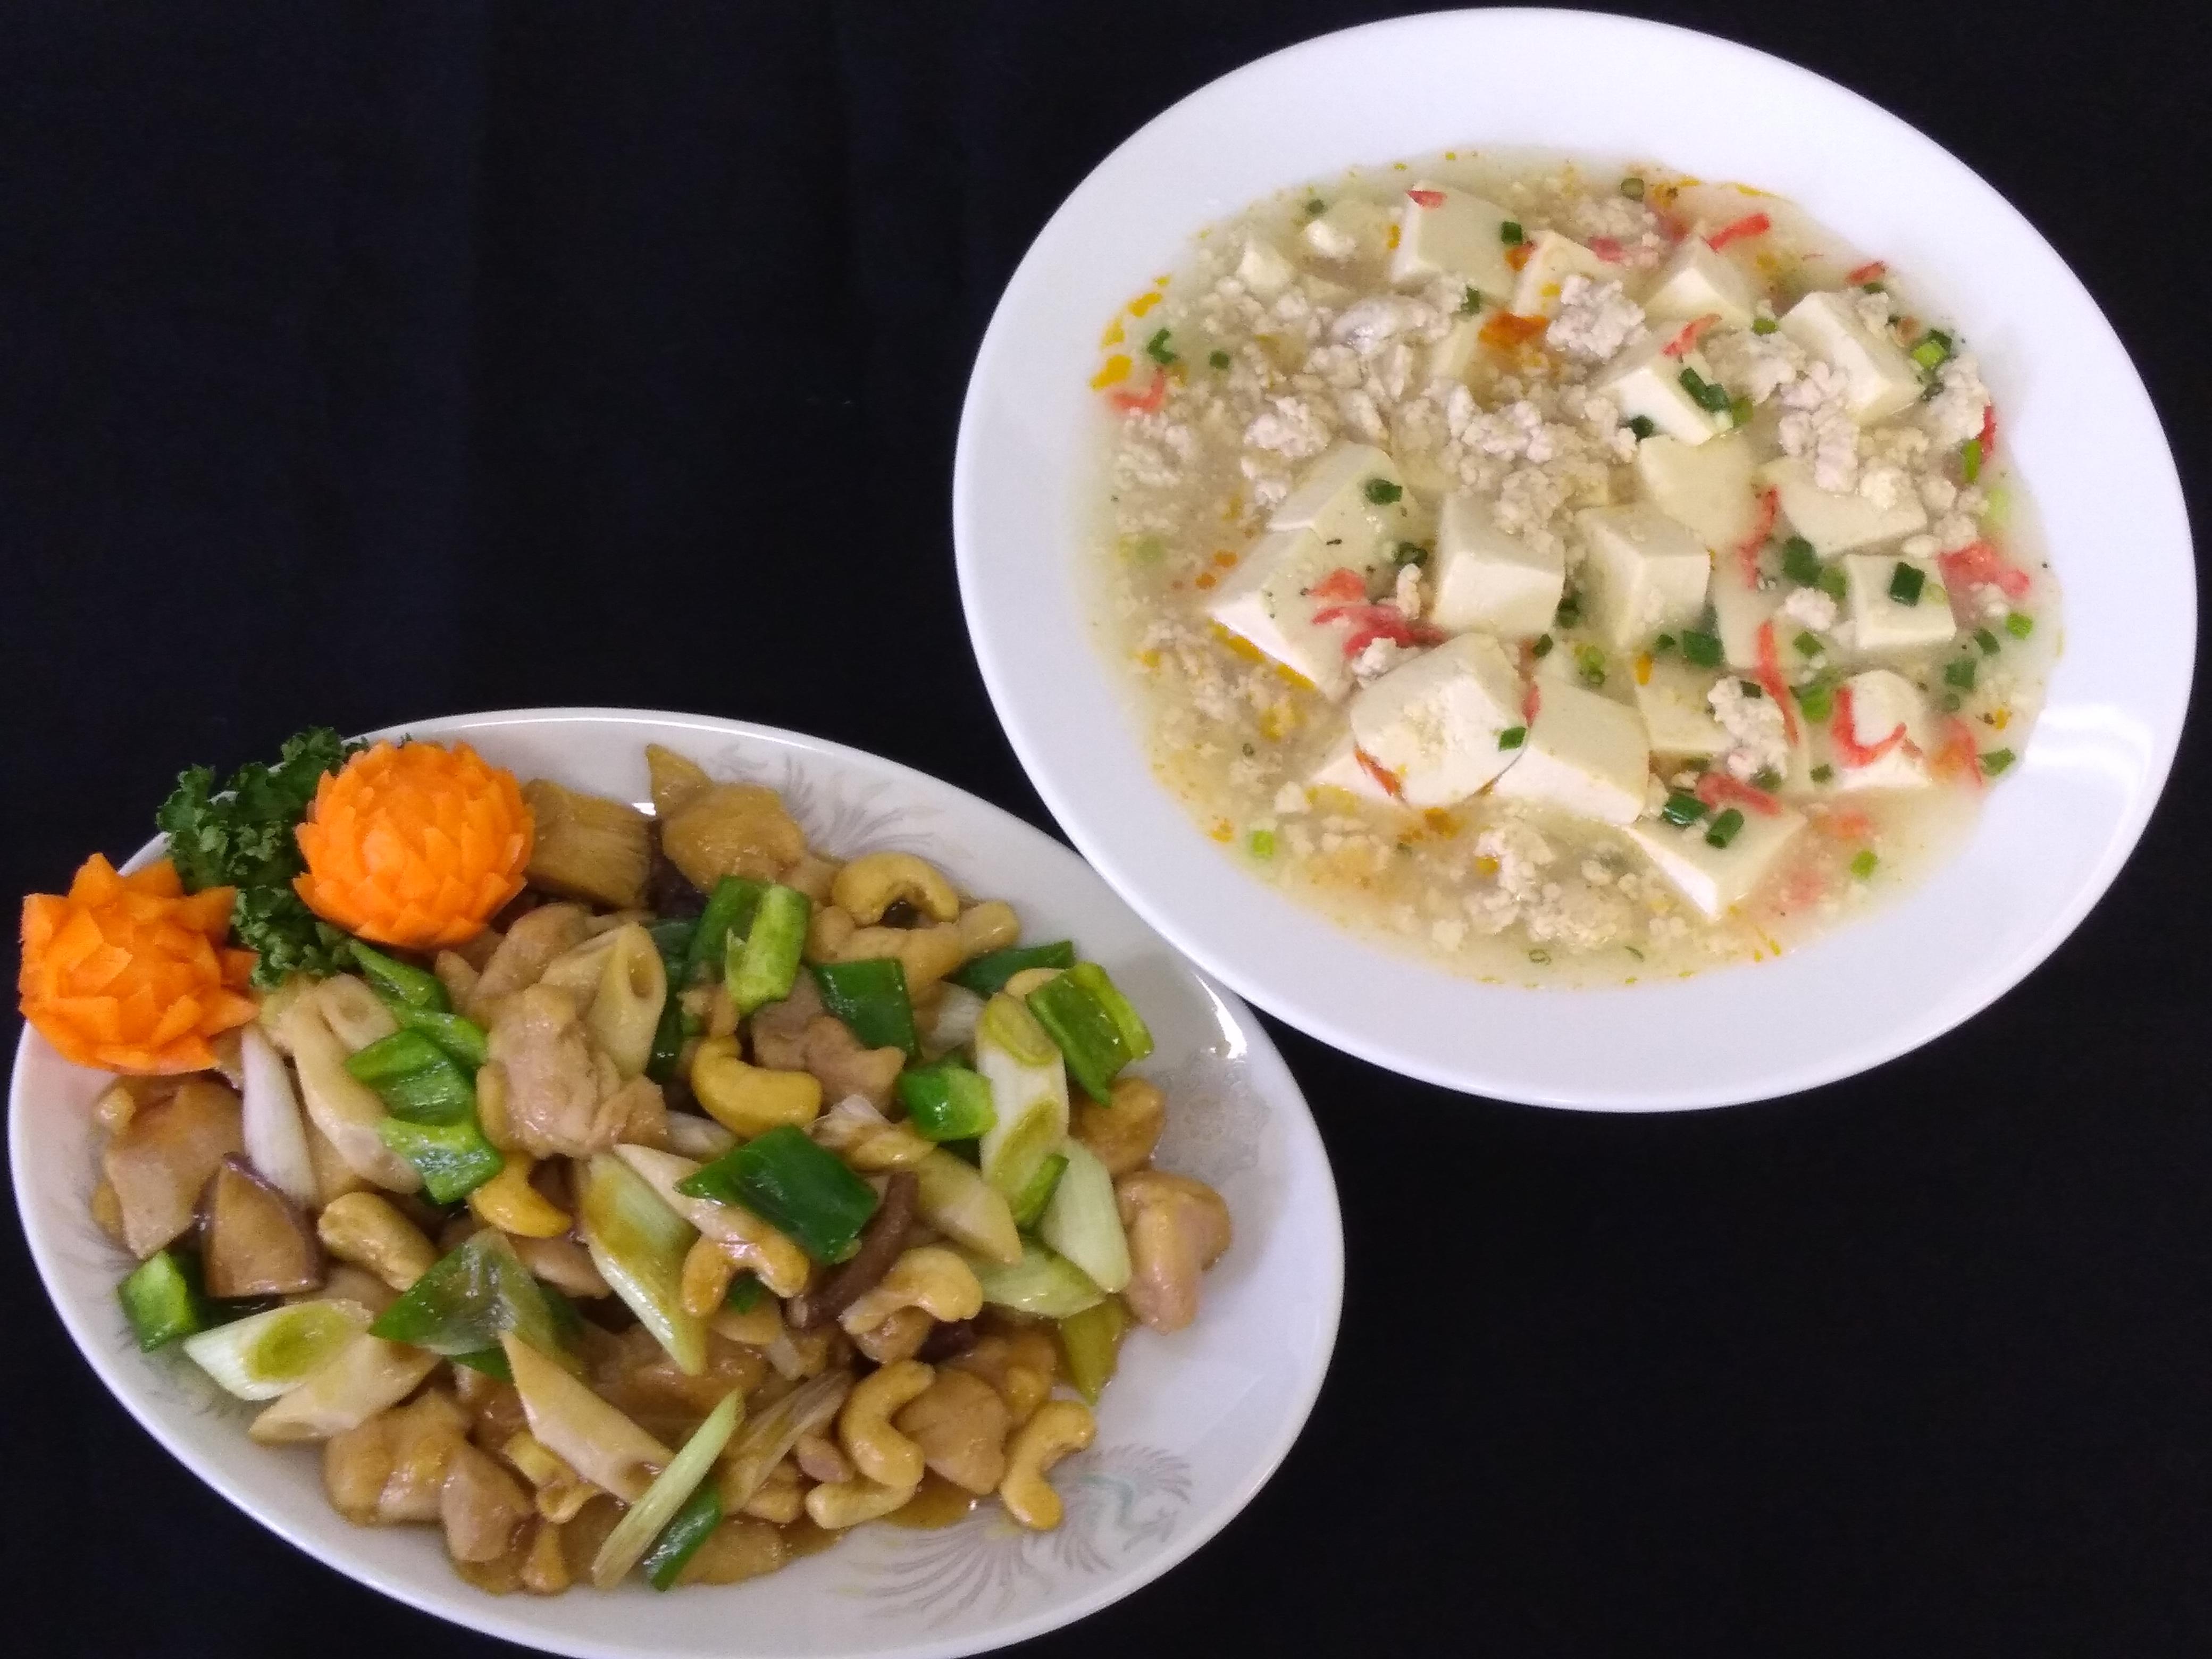 白麻婆豆腐と腰果鶏丁